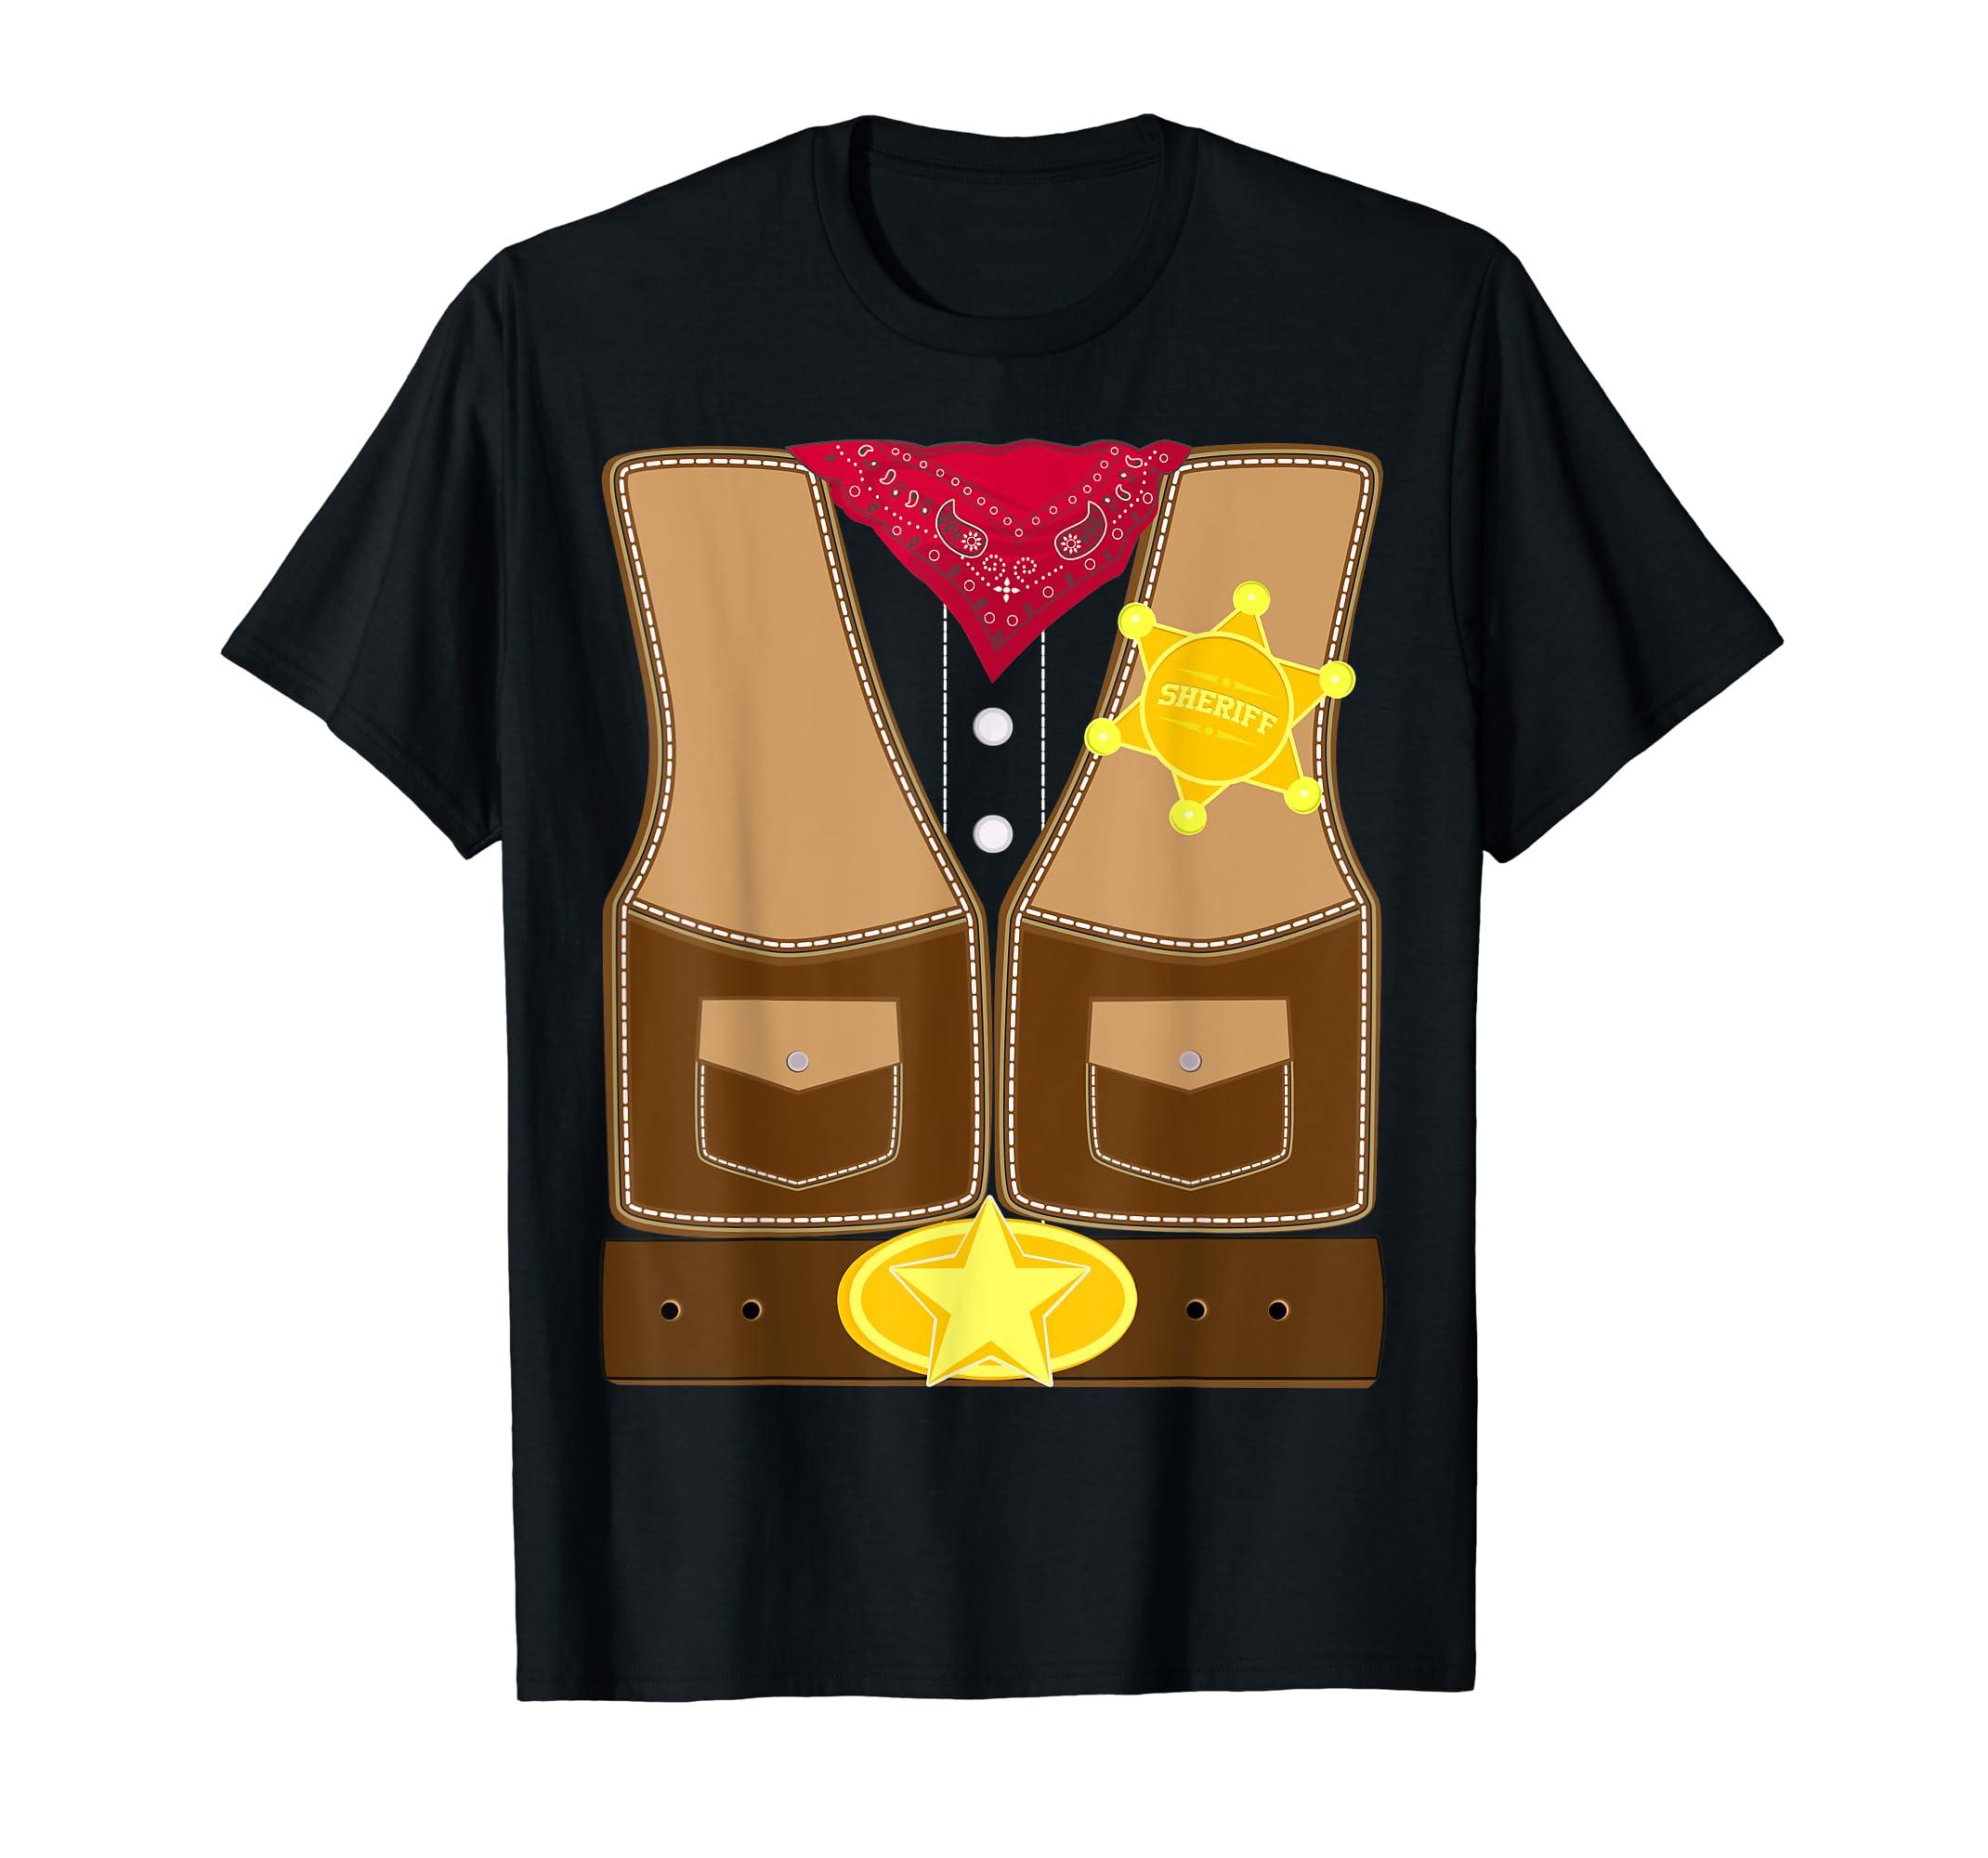 Easy Sheriff Cowboy Costume Cute Matching T-Shirt for Men-Men's T-Shirt-Black